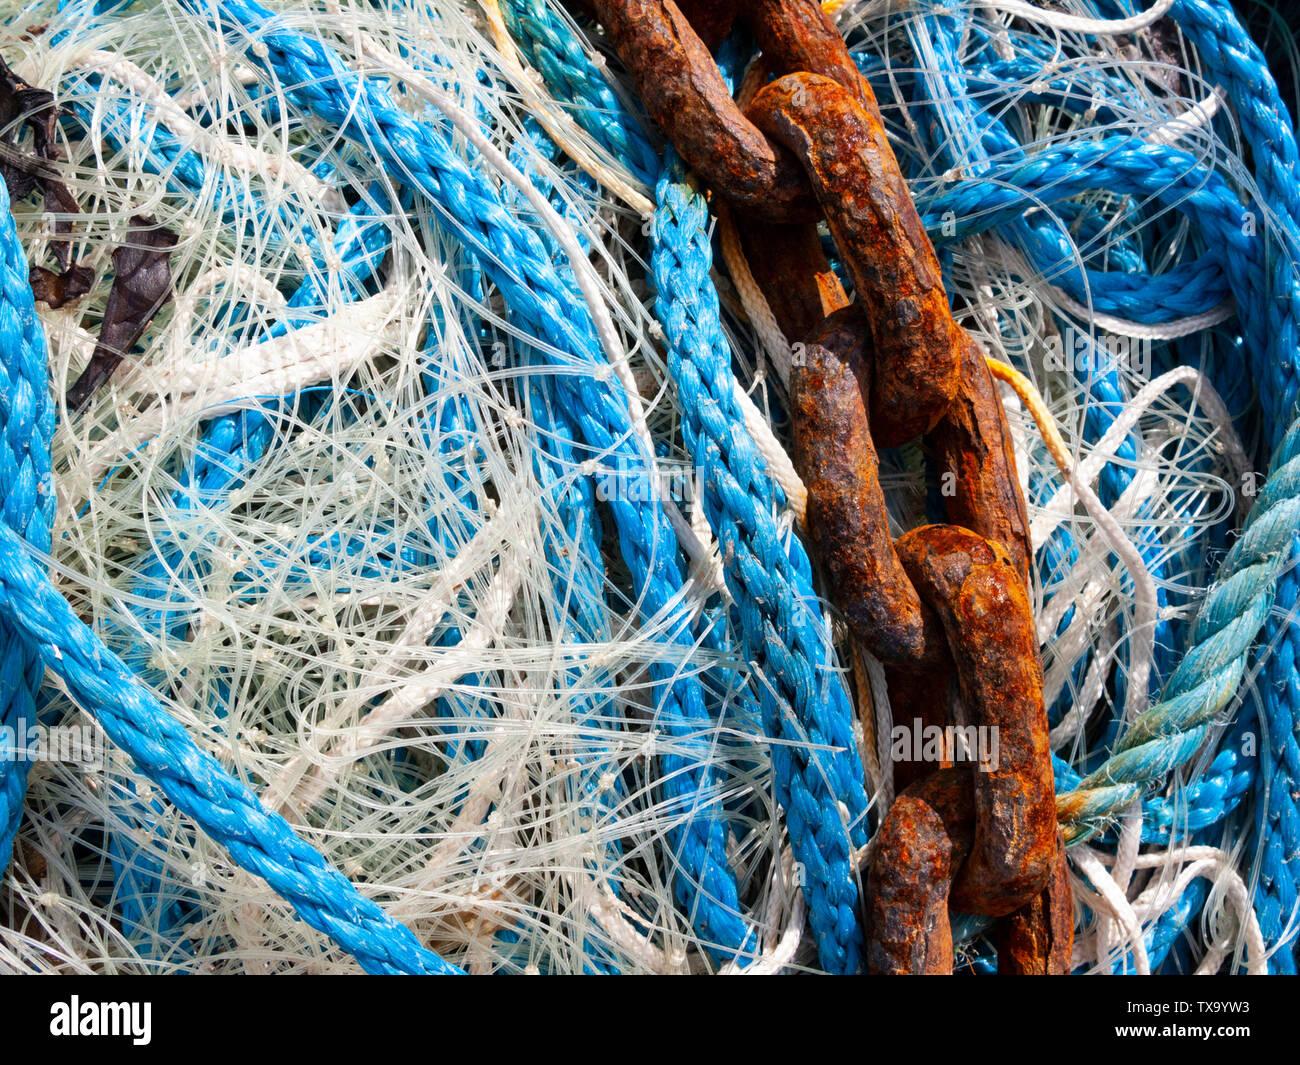 Las redes de pesca y la cadena de anclaje oxidada Foto de stock